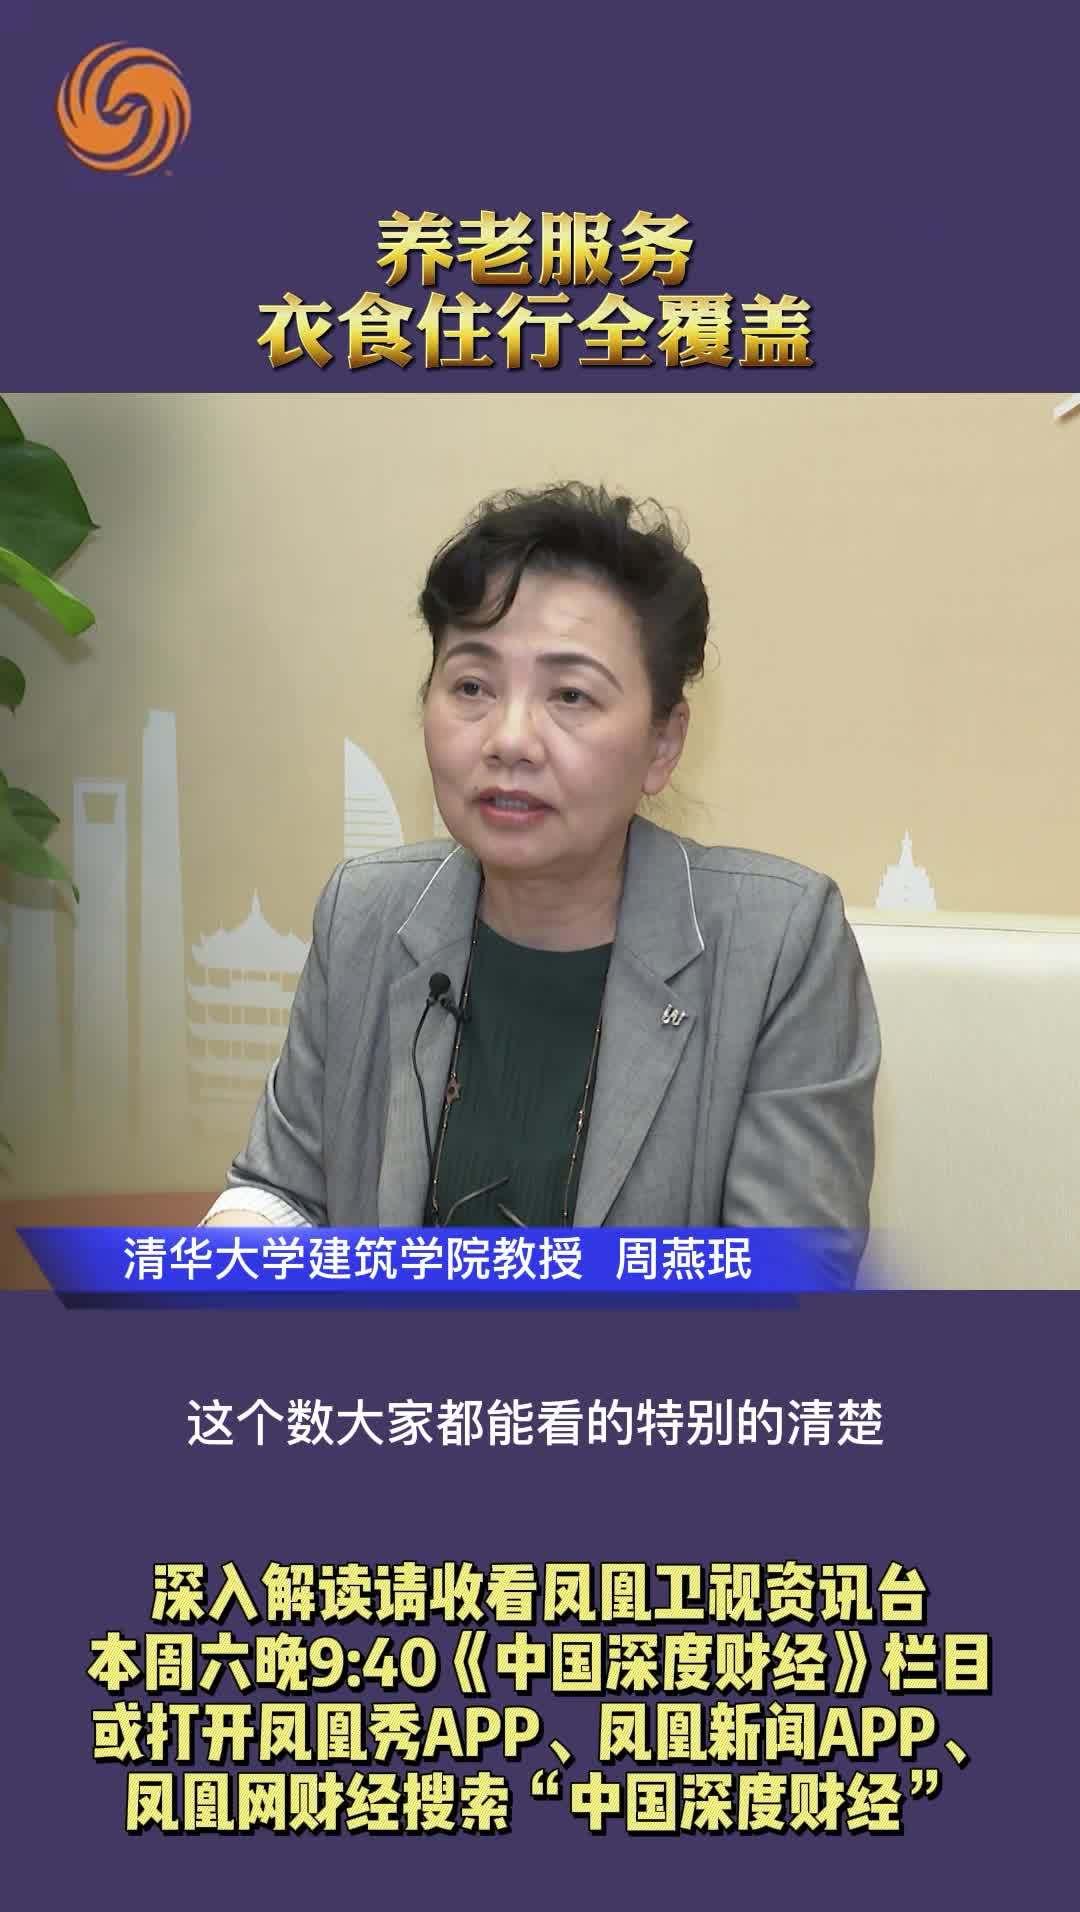 清华大学建筑学院教授周燕珉:养老服务要衣食住行全覆盖